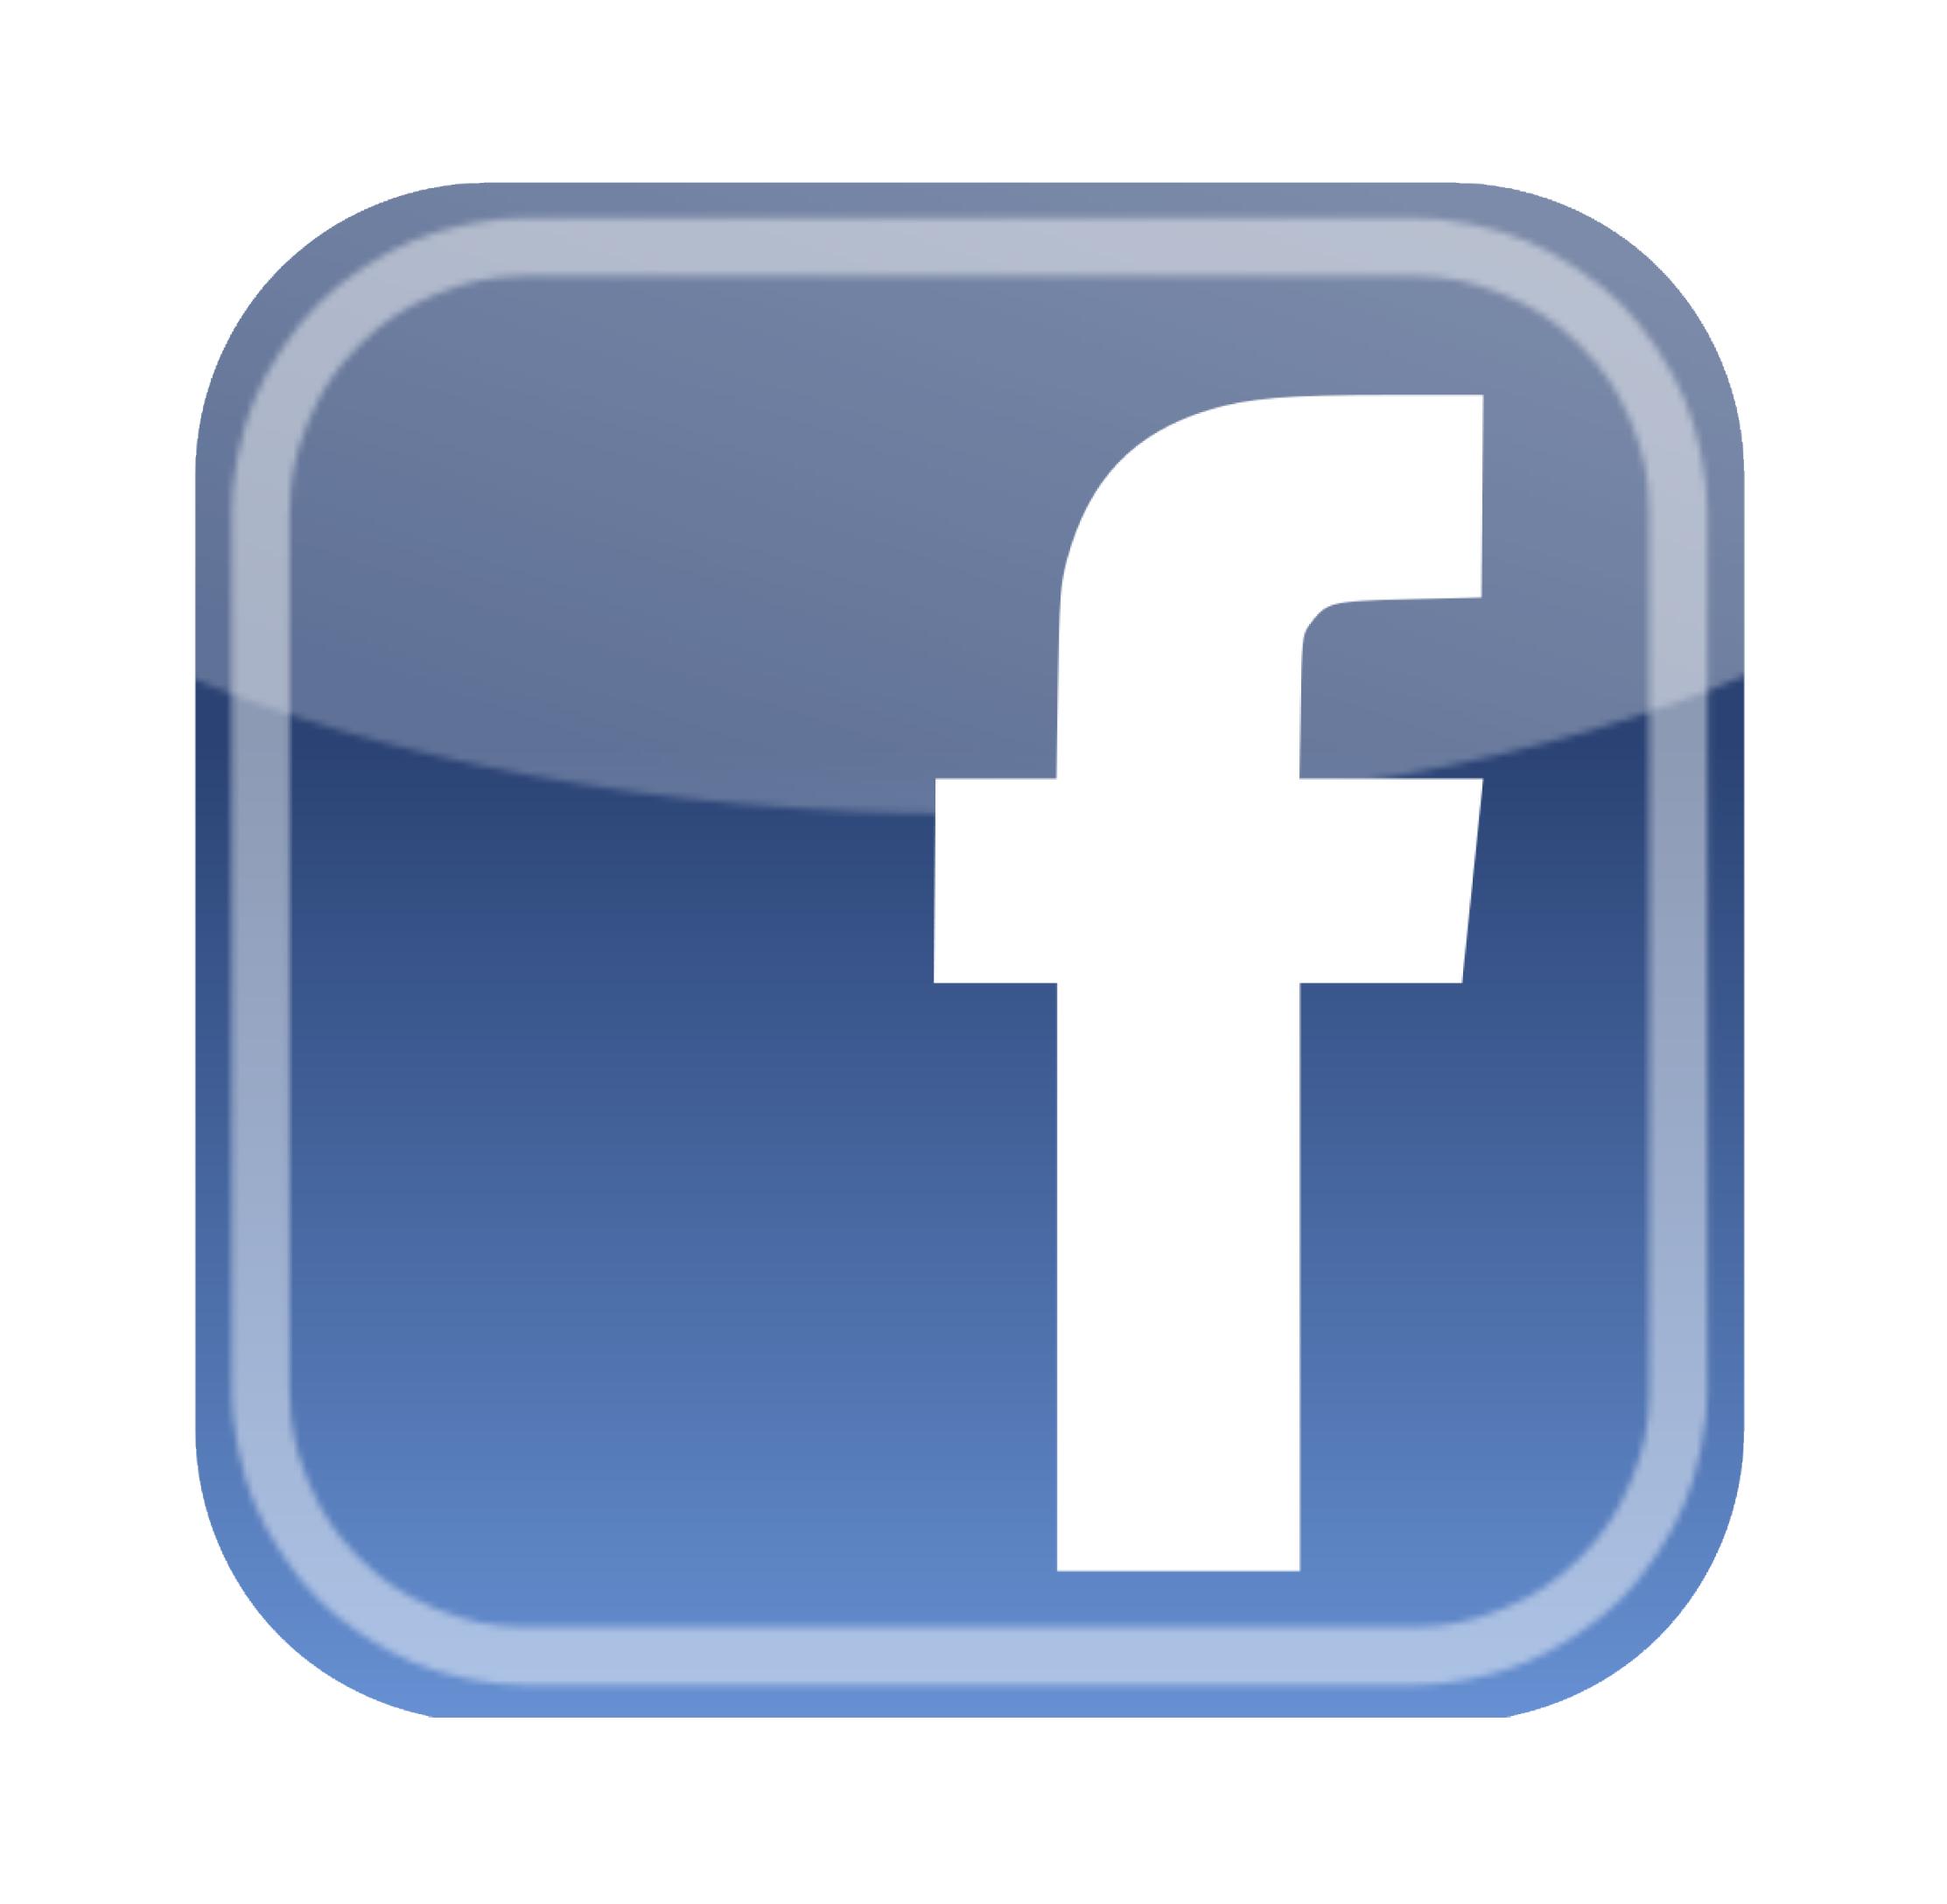 Facebook Logo-facebook logo-7